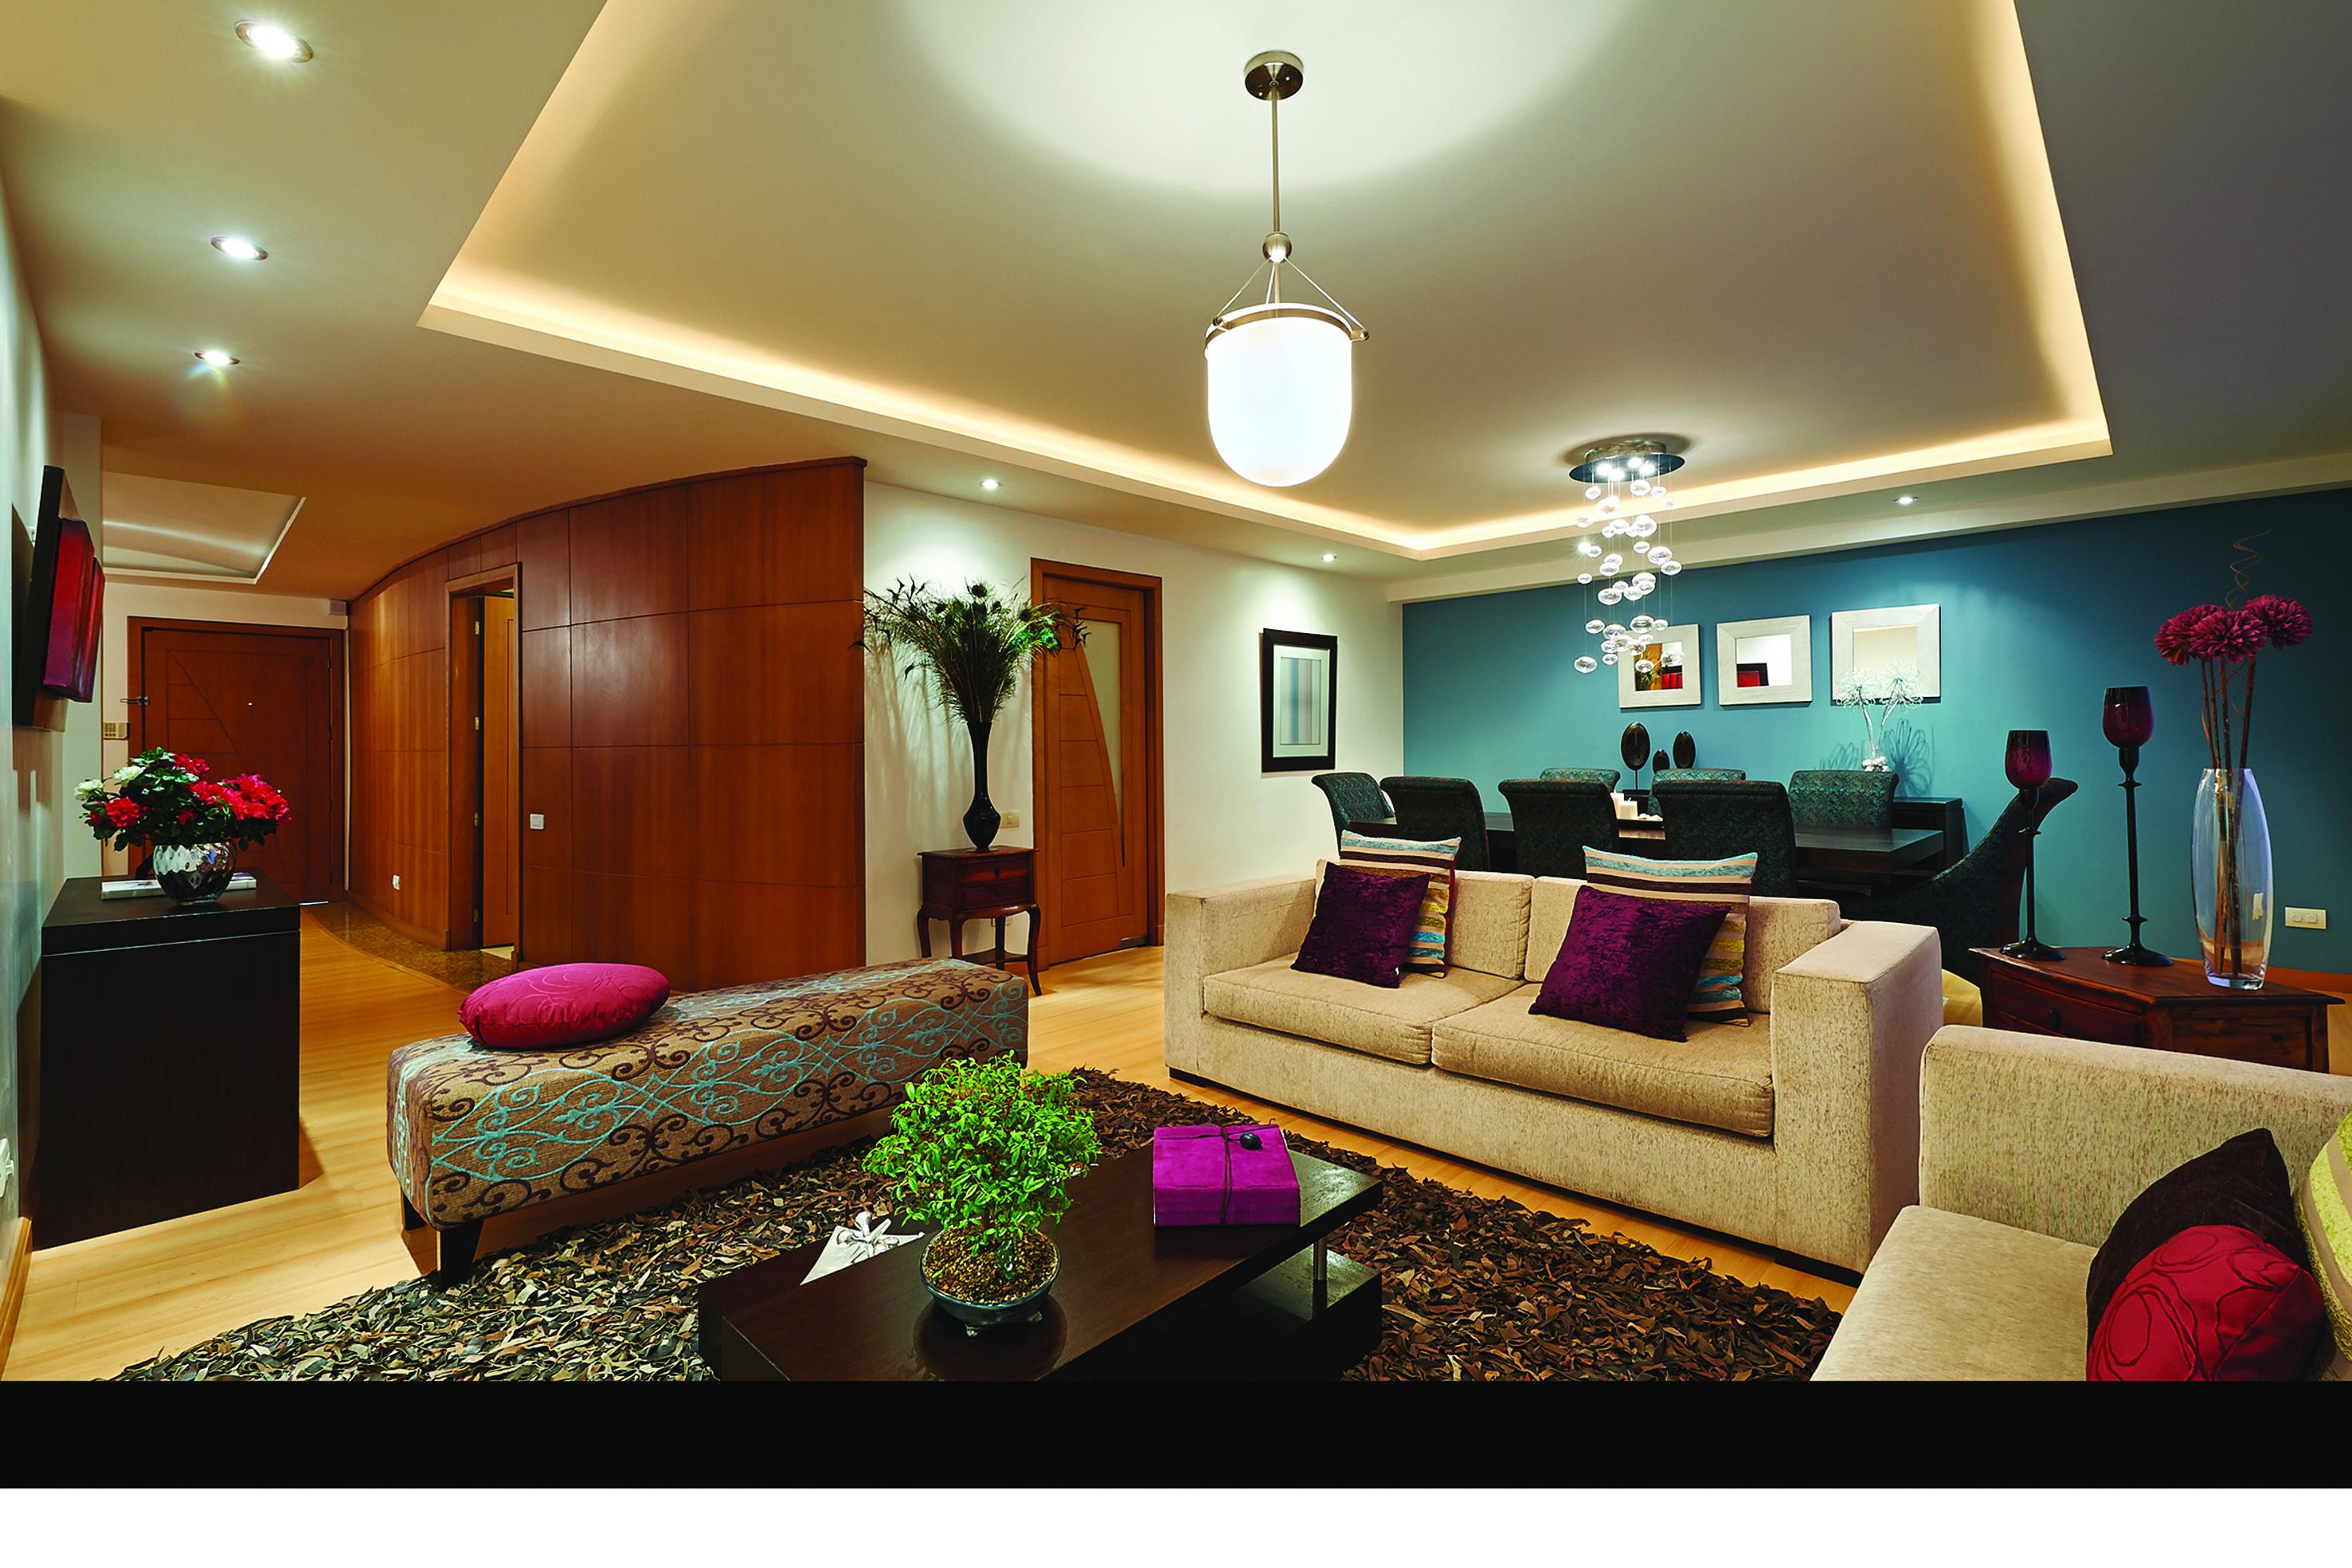 Oriental Westlake là tài sản đầu tư tiềm năng